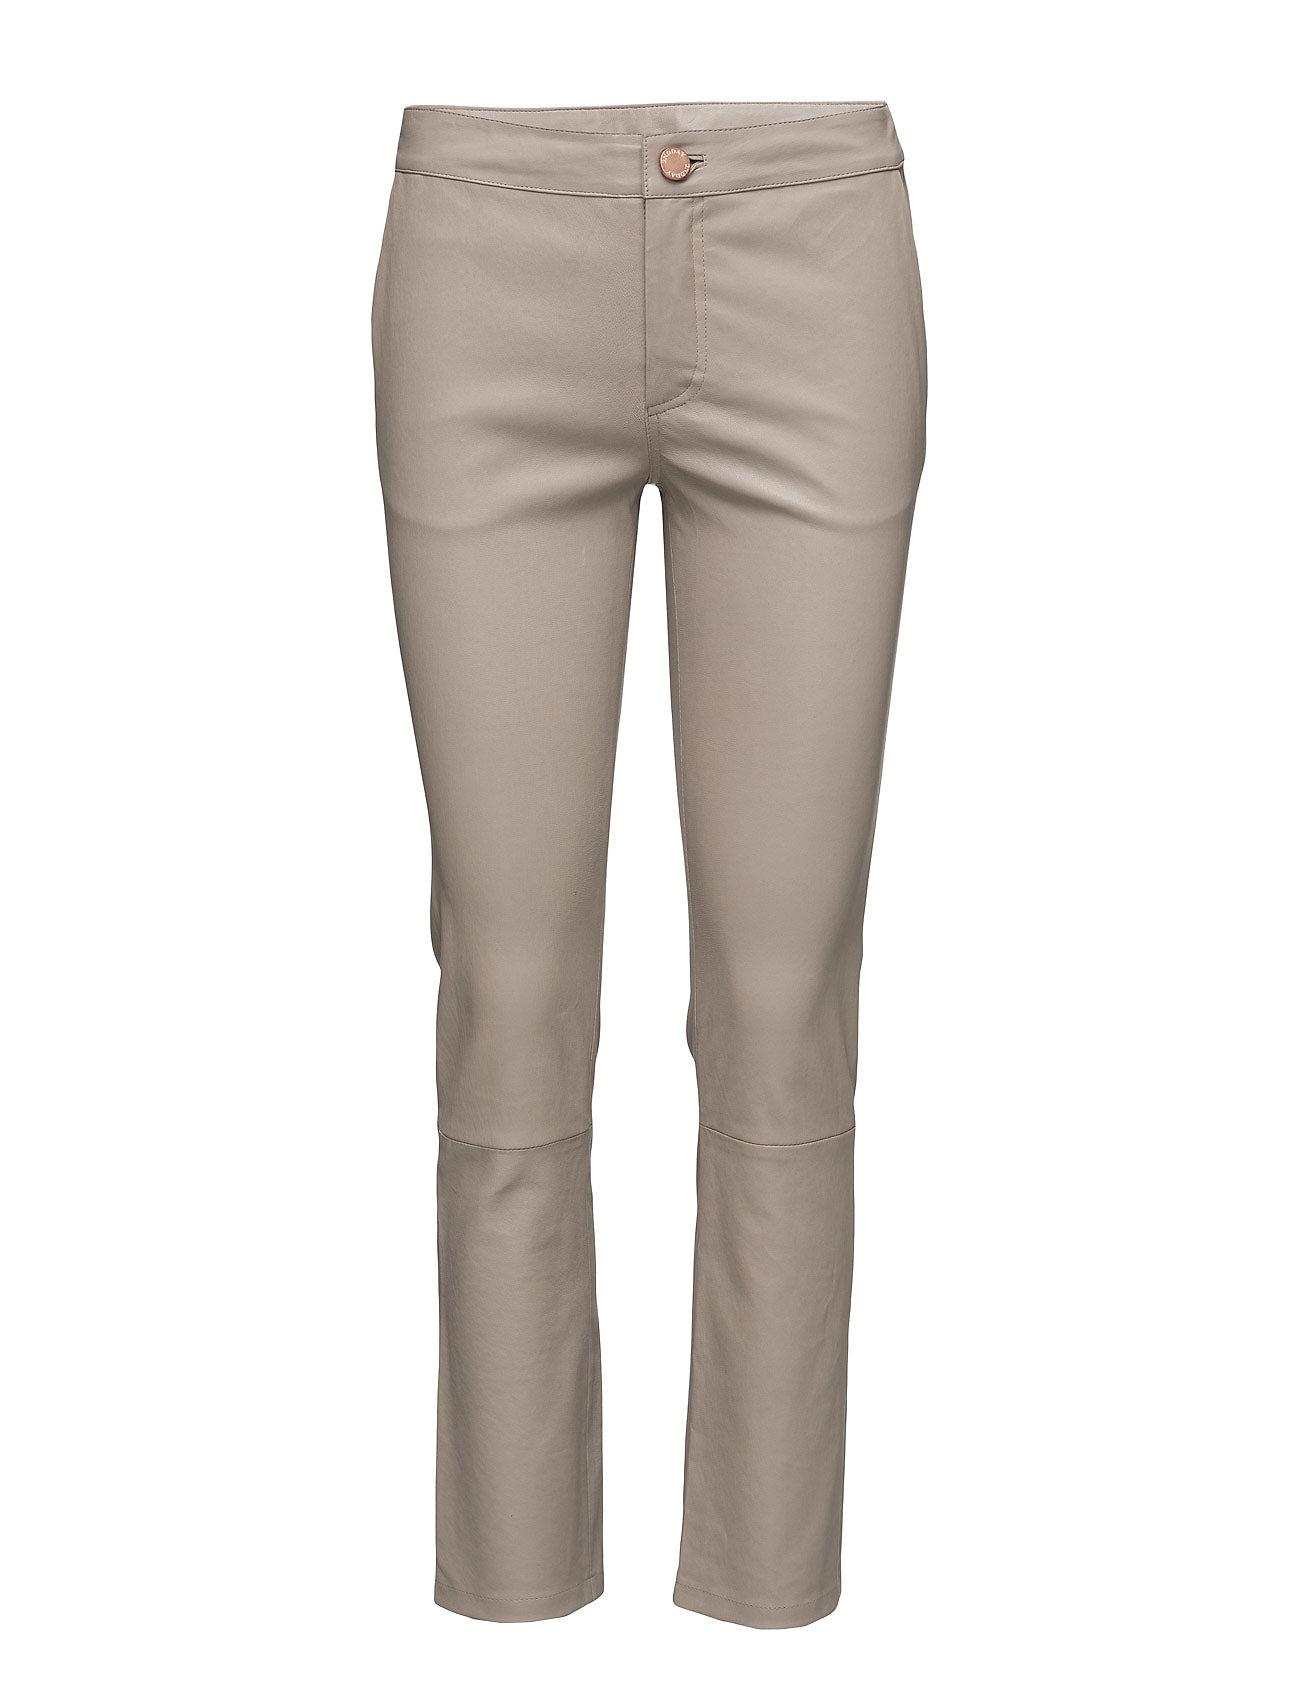 2nd Leya 2NDDAY Læder leggins & bukser til Kvinder i Perle